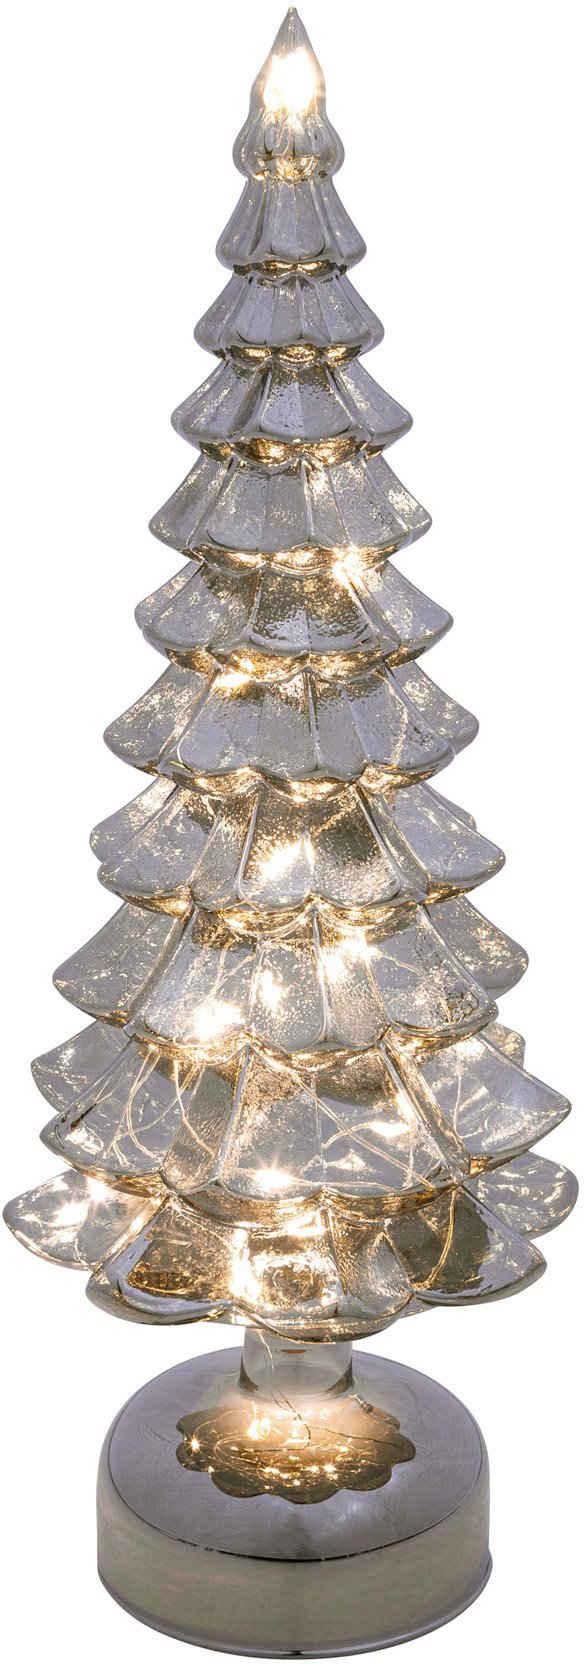 LED Baum »Tanne«, aus Glas, mit 12 LEDs, Höhe ca. 33 cm